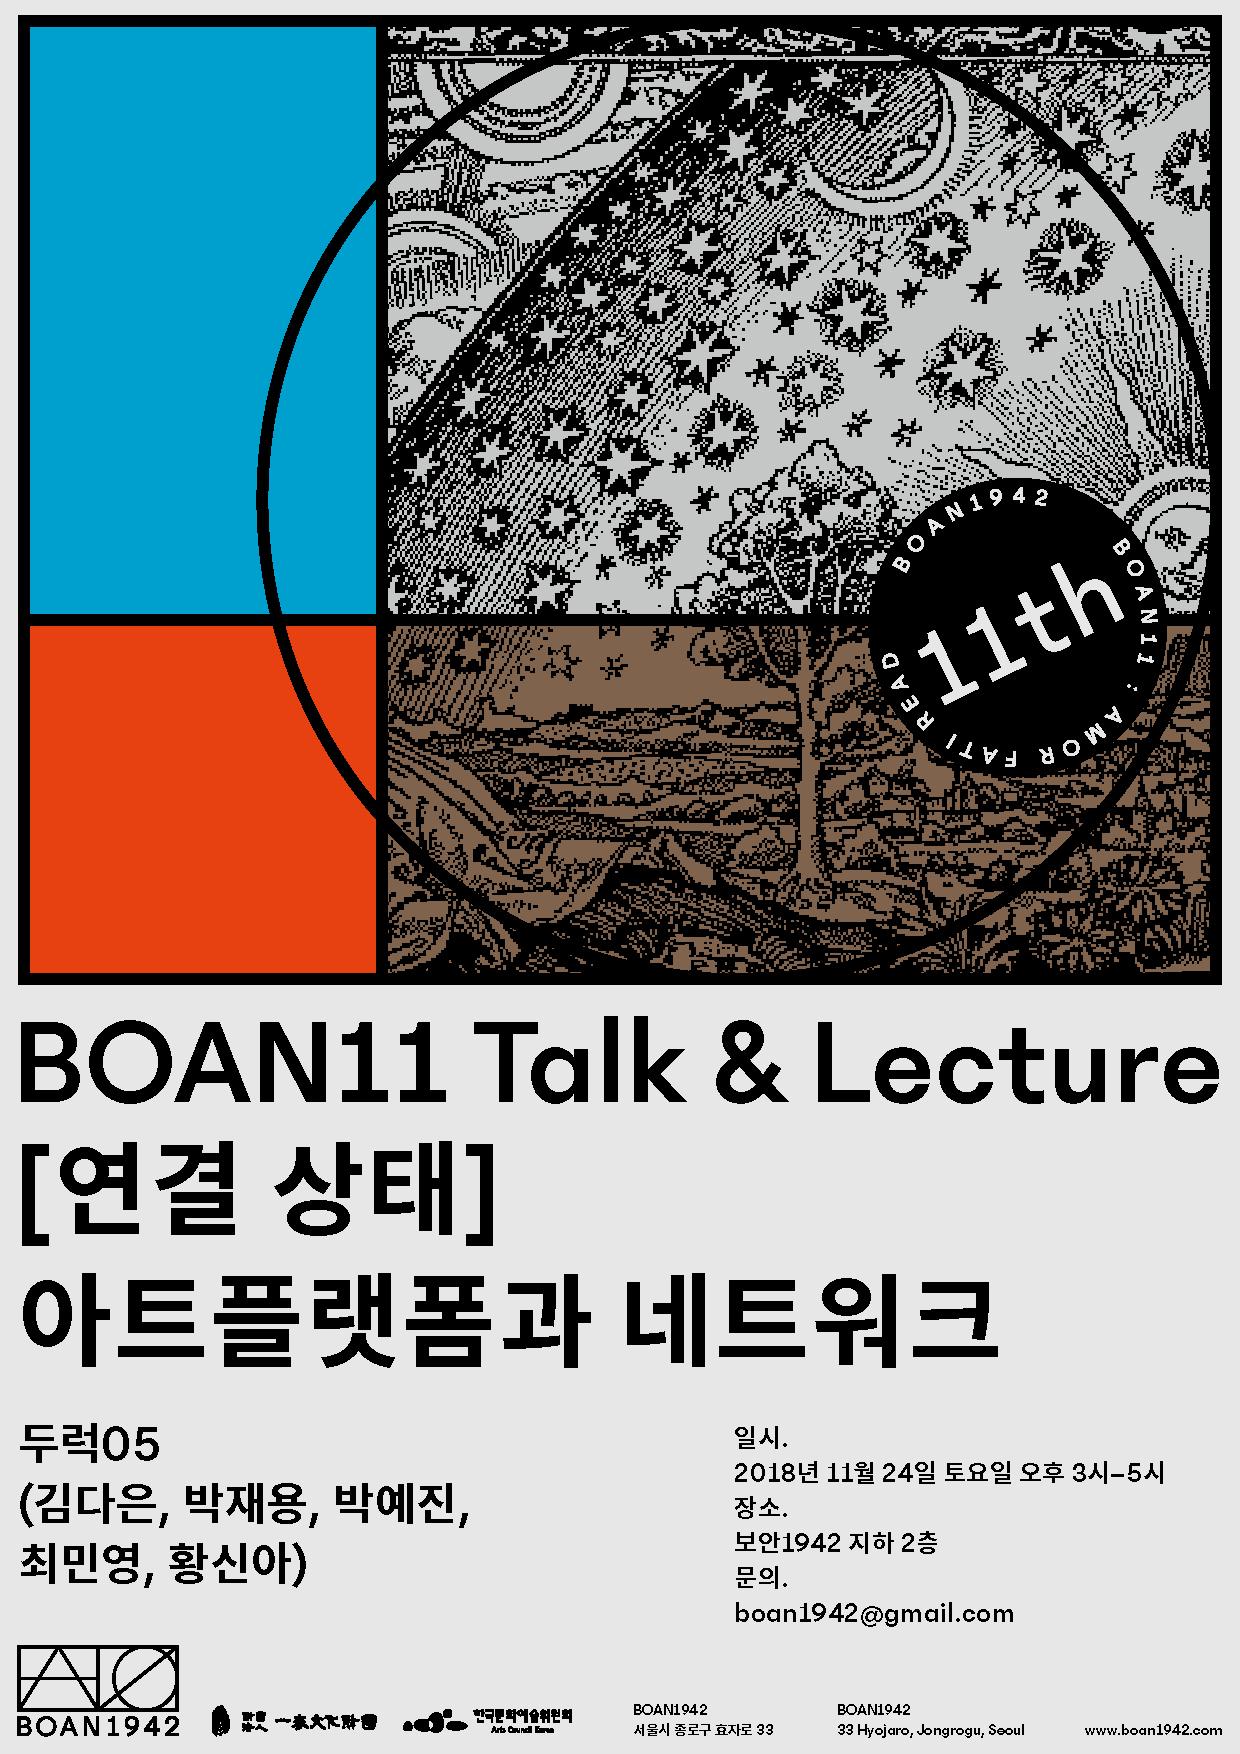 Boan11th_lecture_1119